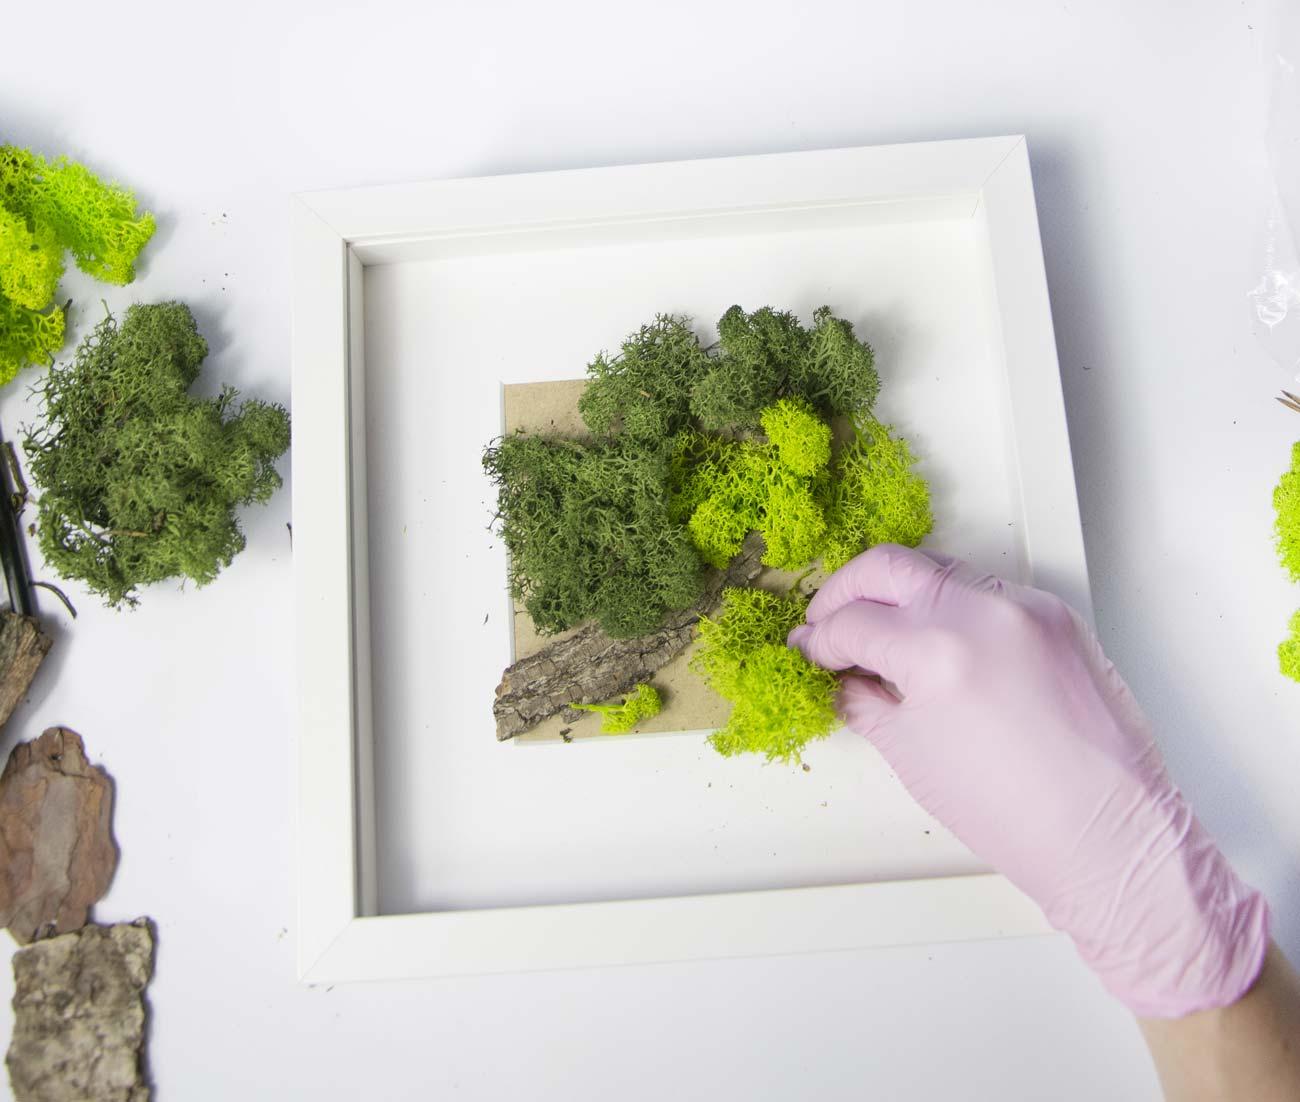 Una pintura de musgo: una decoración verde suave para las paredes de la casa o como adorno.